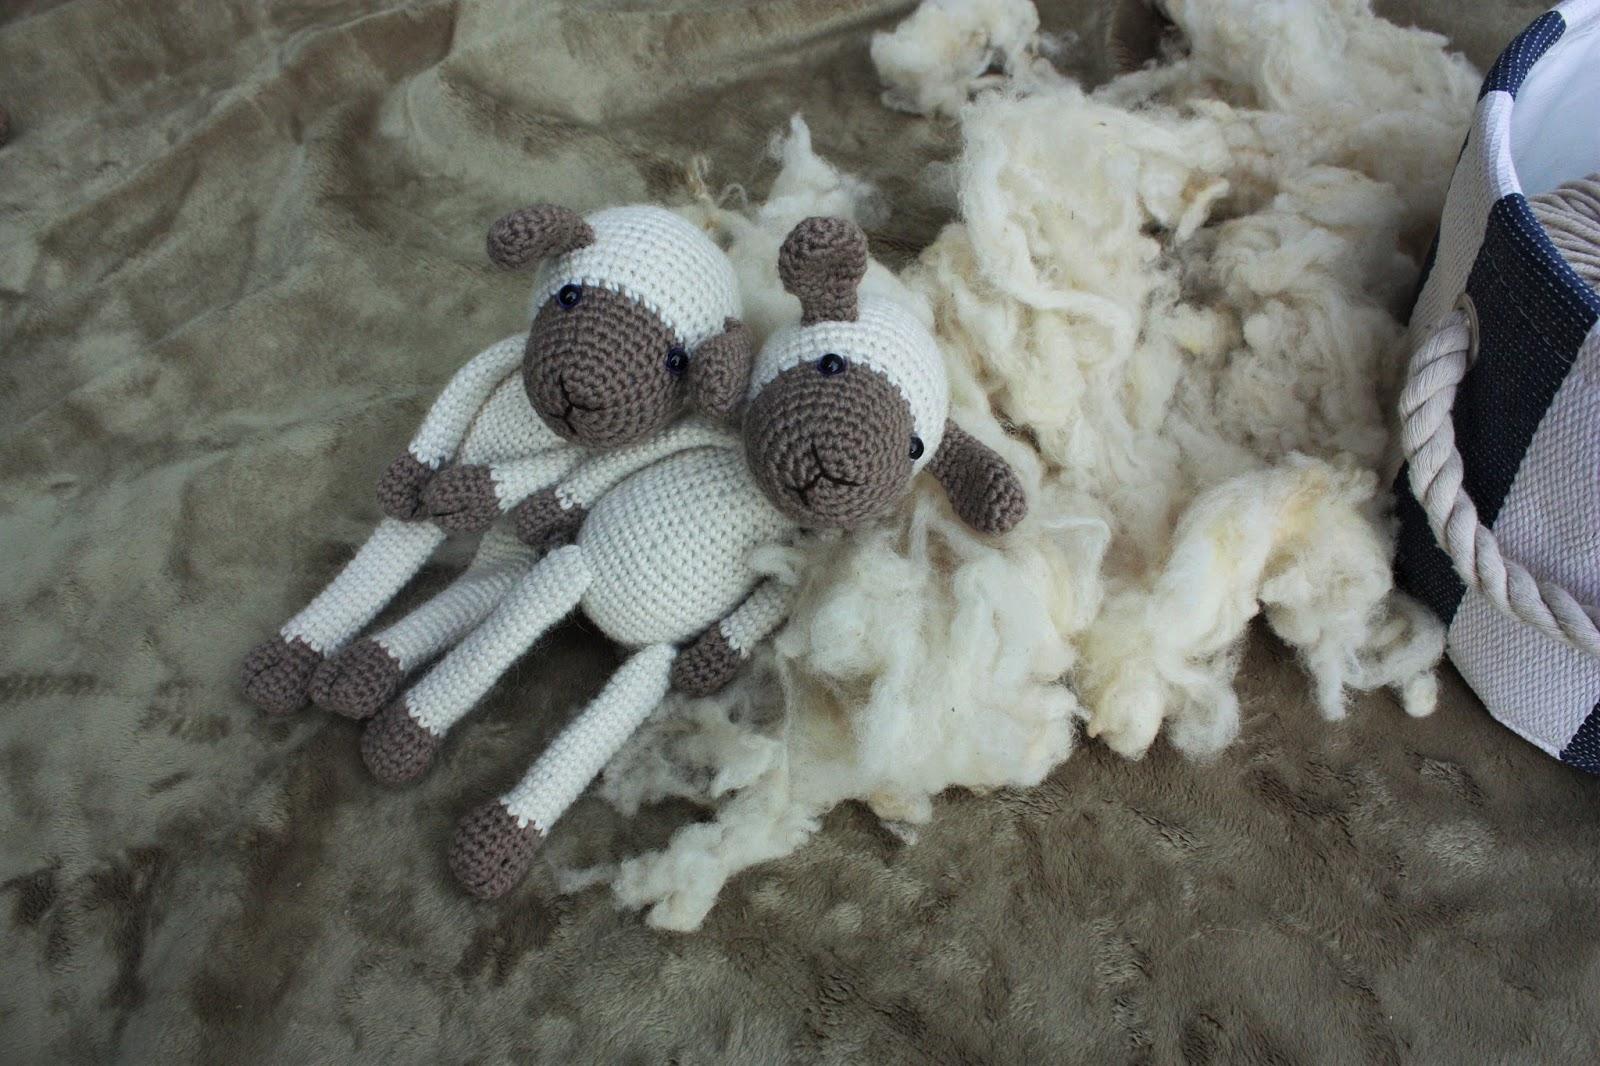 Amigurumi Sheep Tutorial : Happyamigurumi: New Amigurumi Sheep Pattern